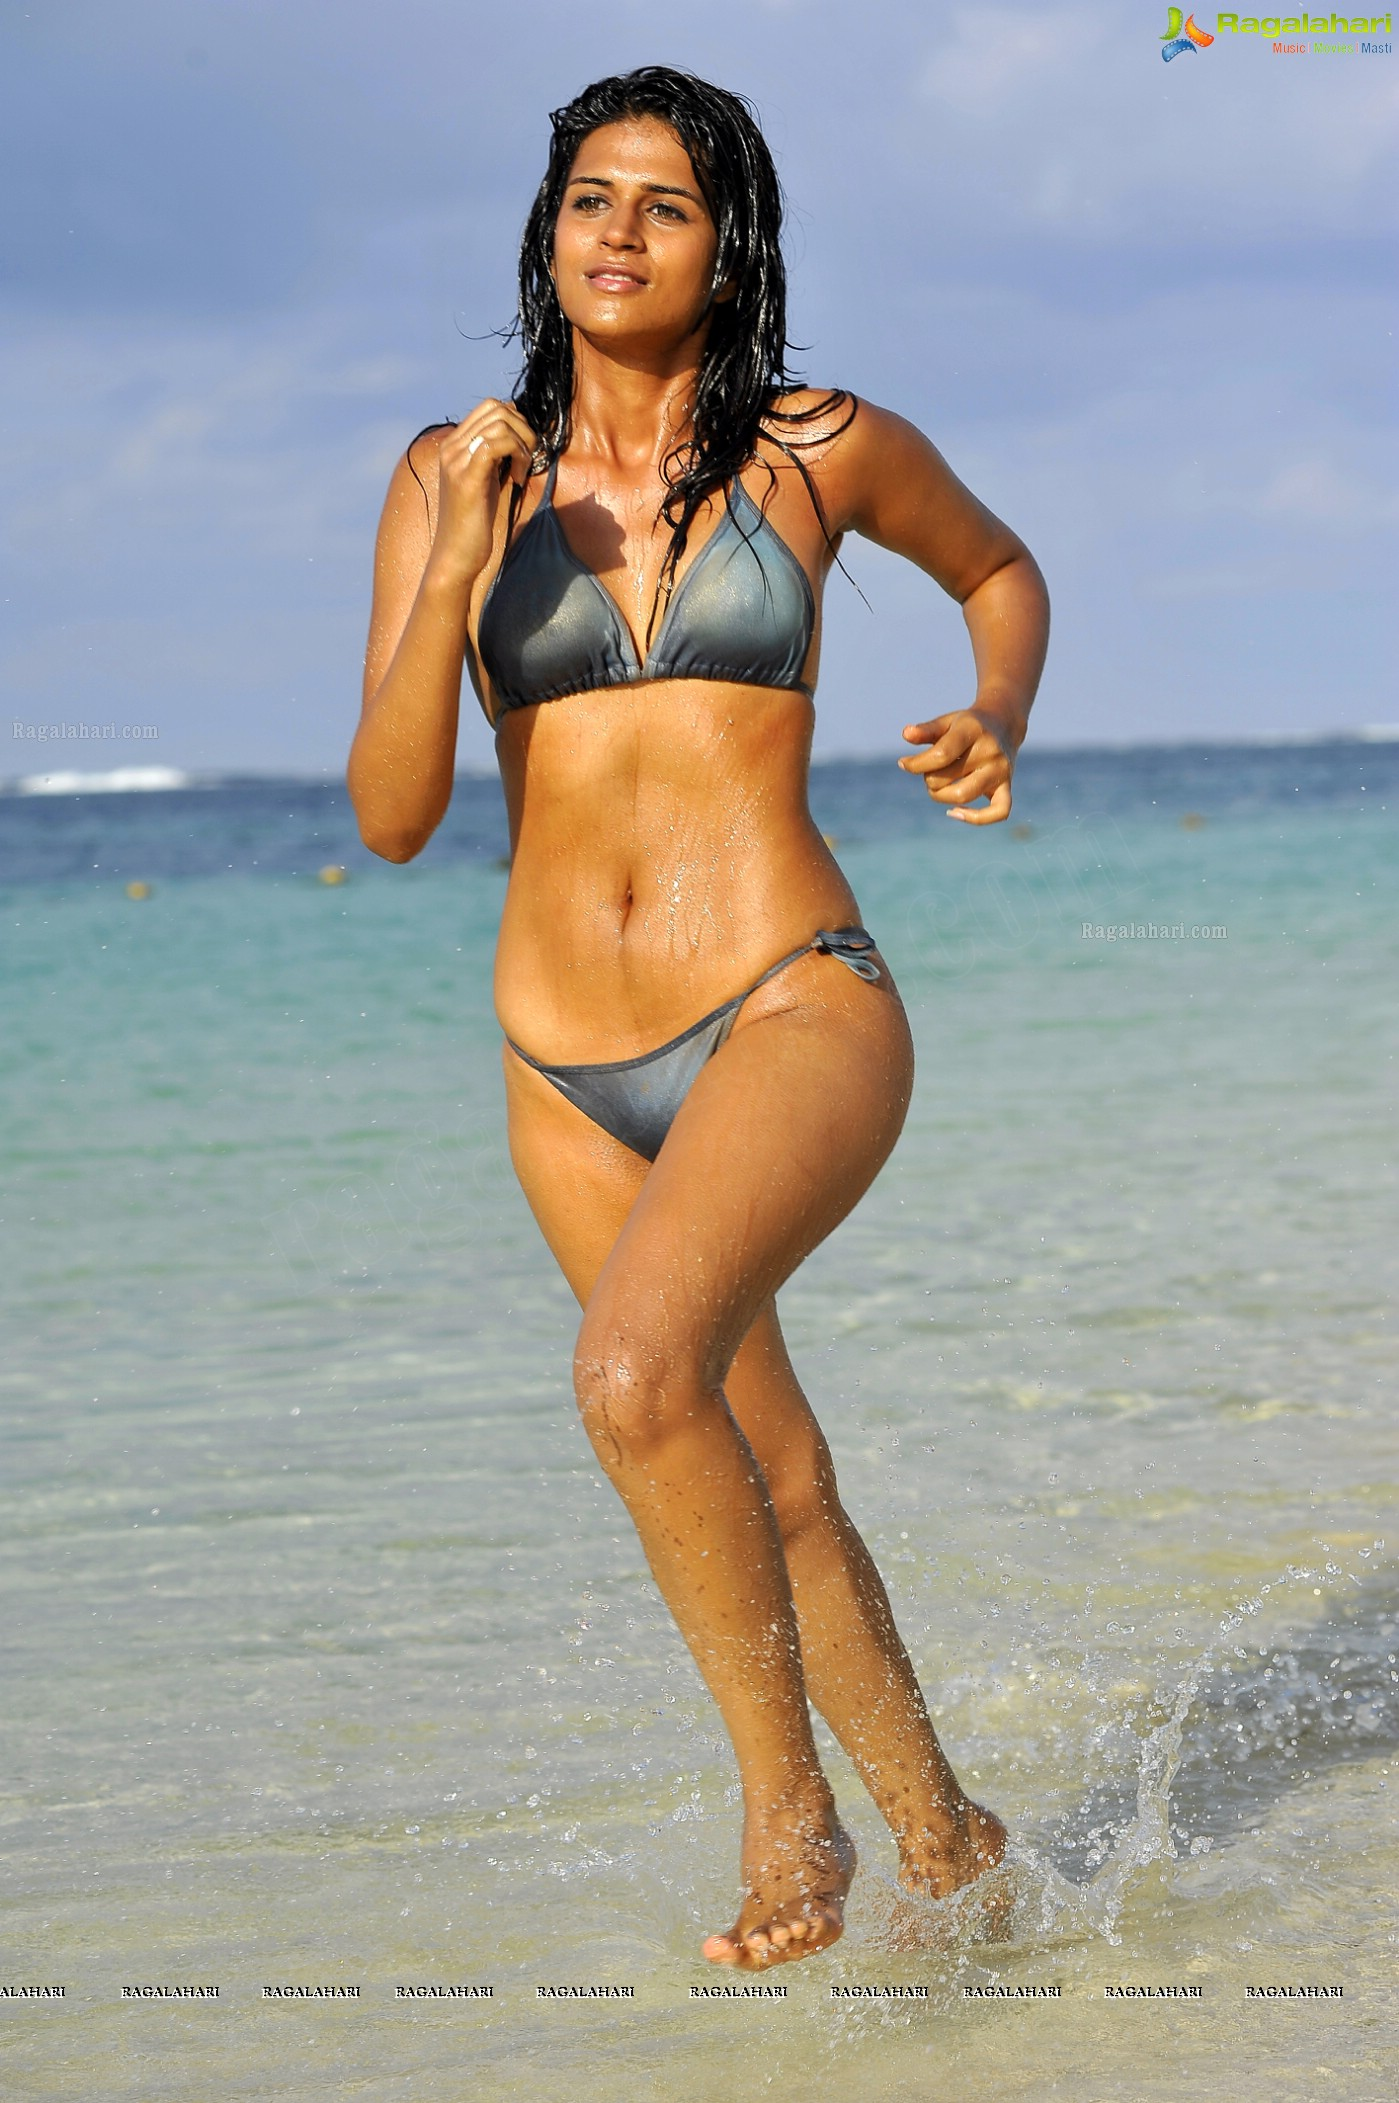 Nandita das im Bikini